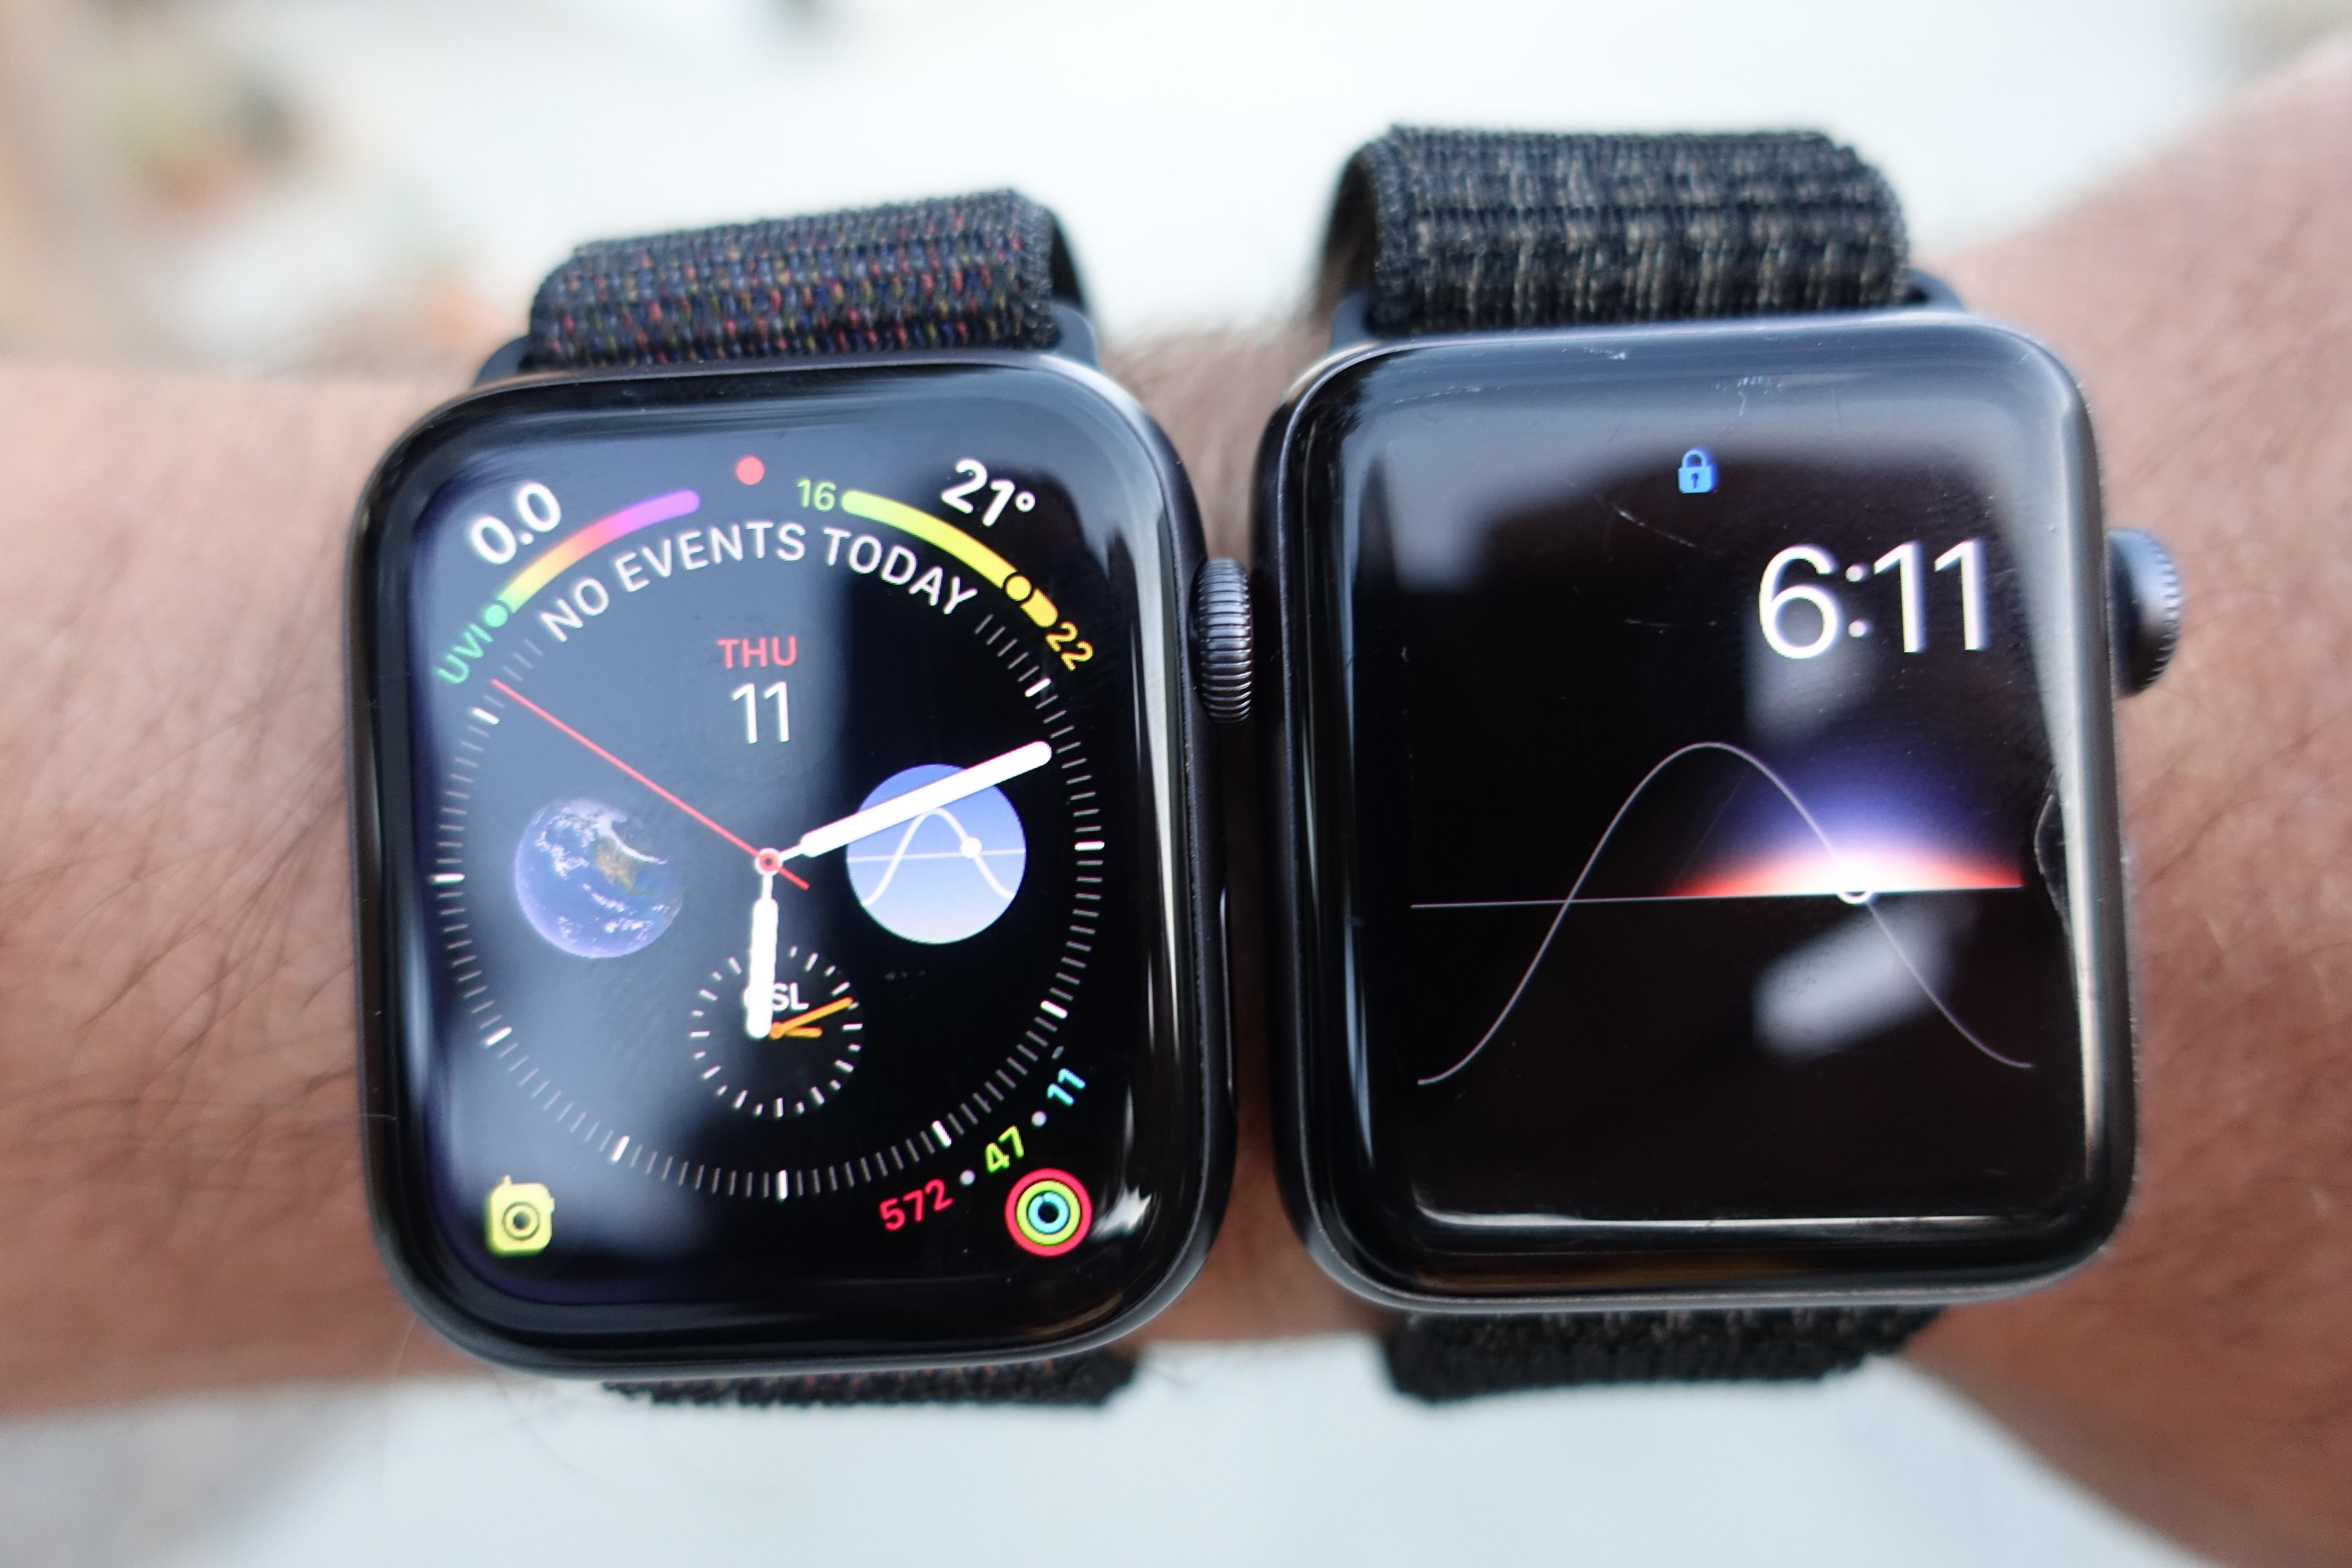 Series 4 til venstre med det nye klokkeansiktet vi bruker hele tiden.